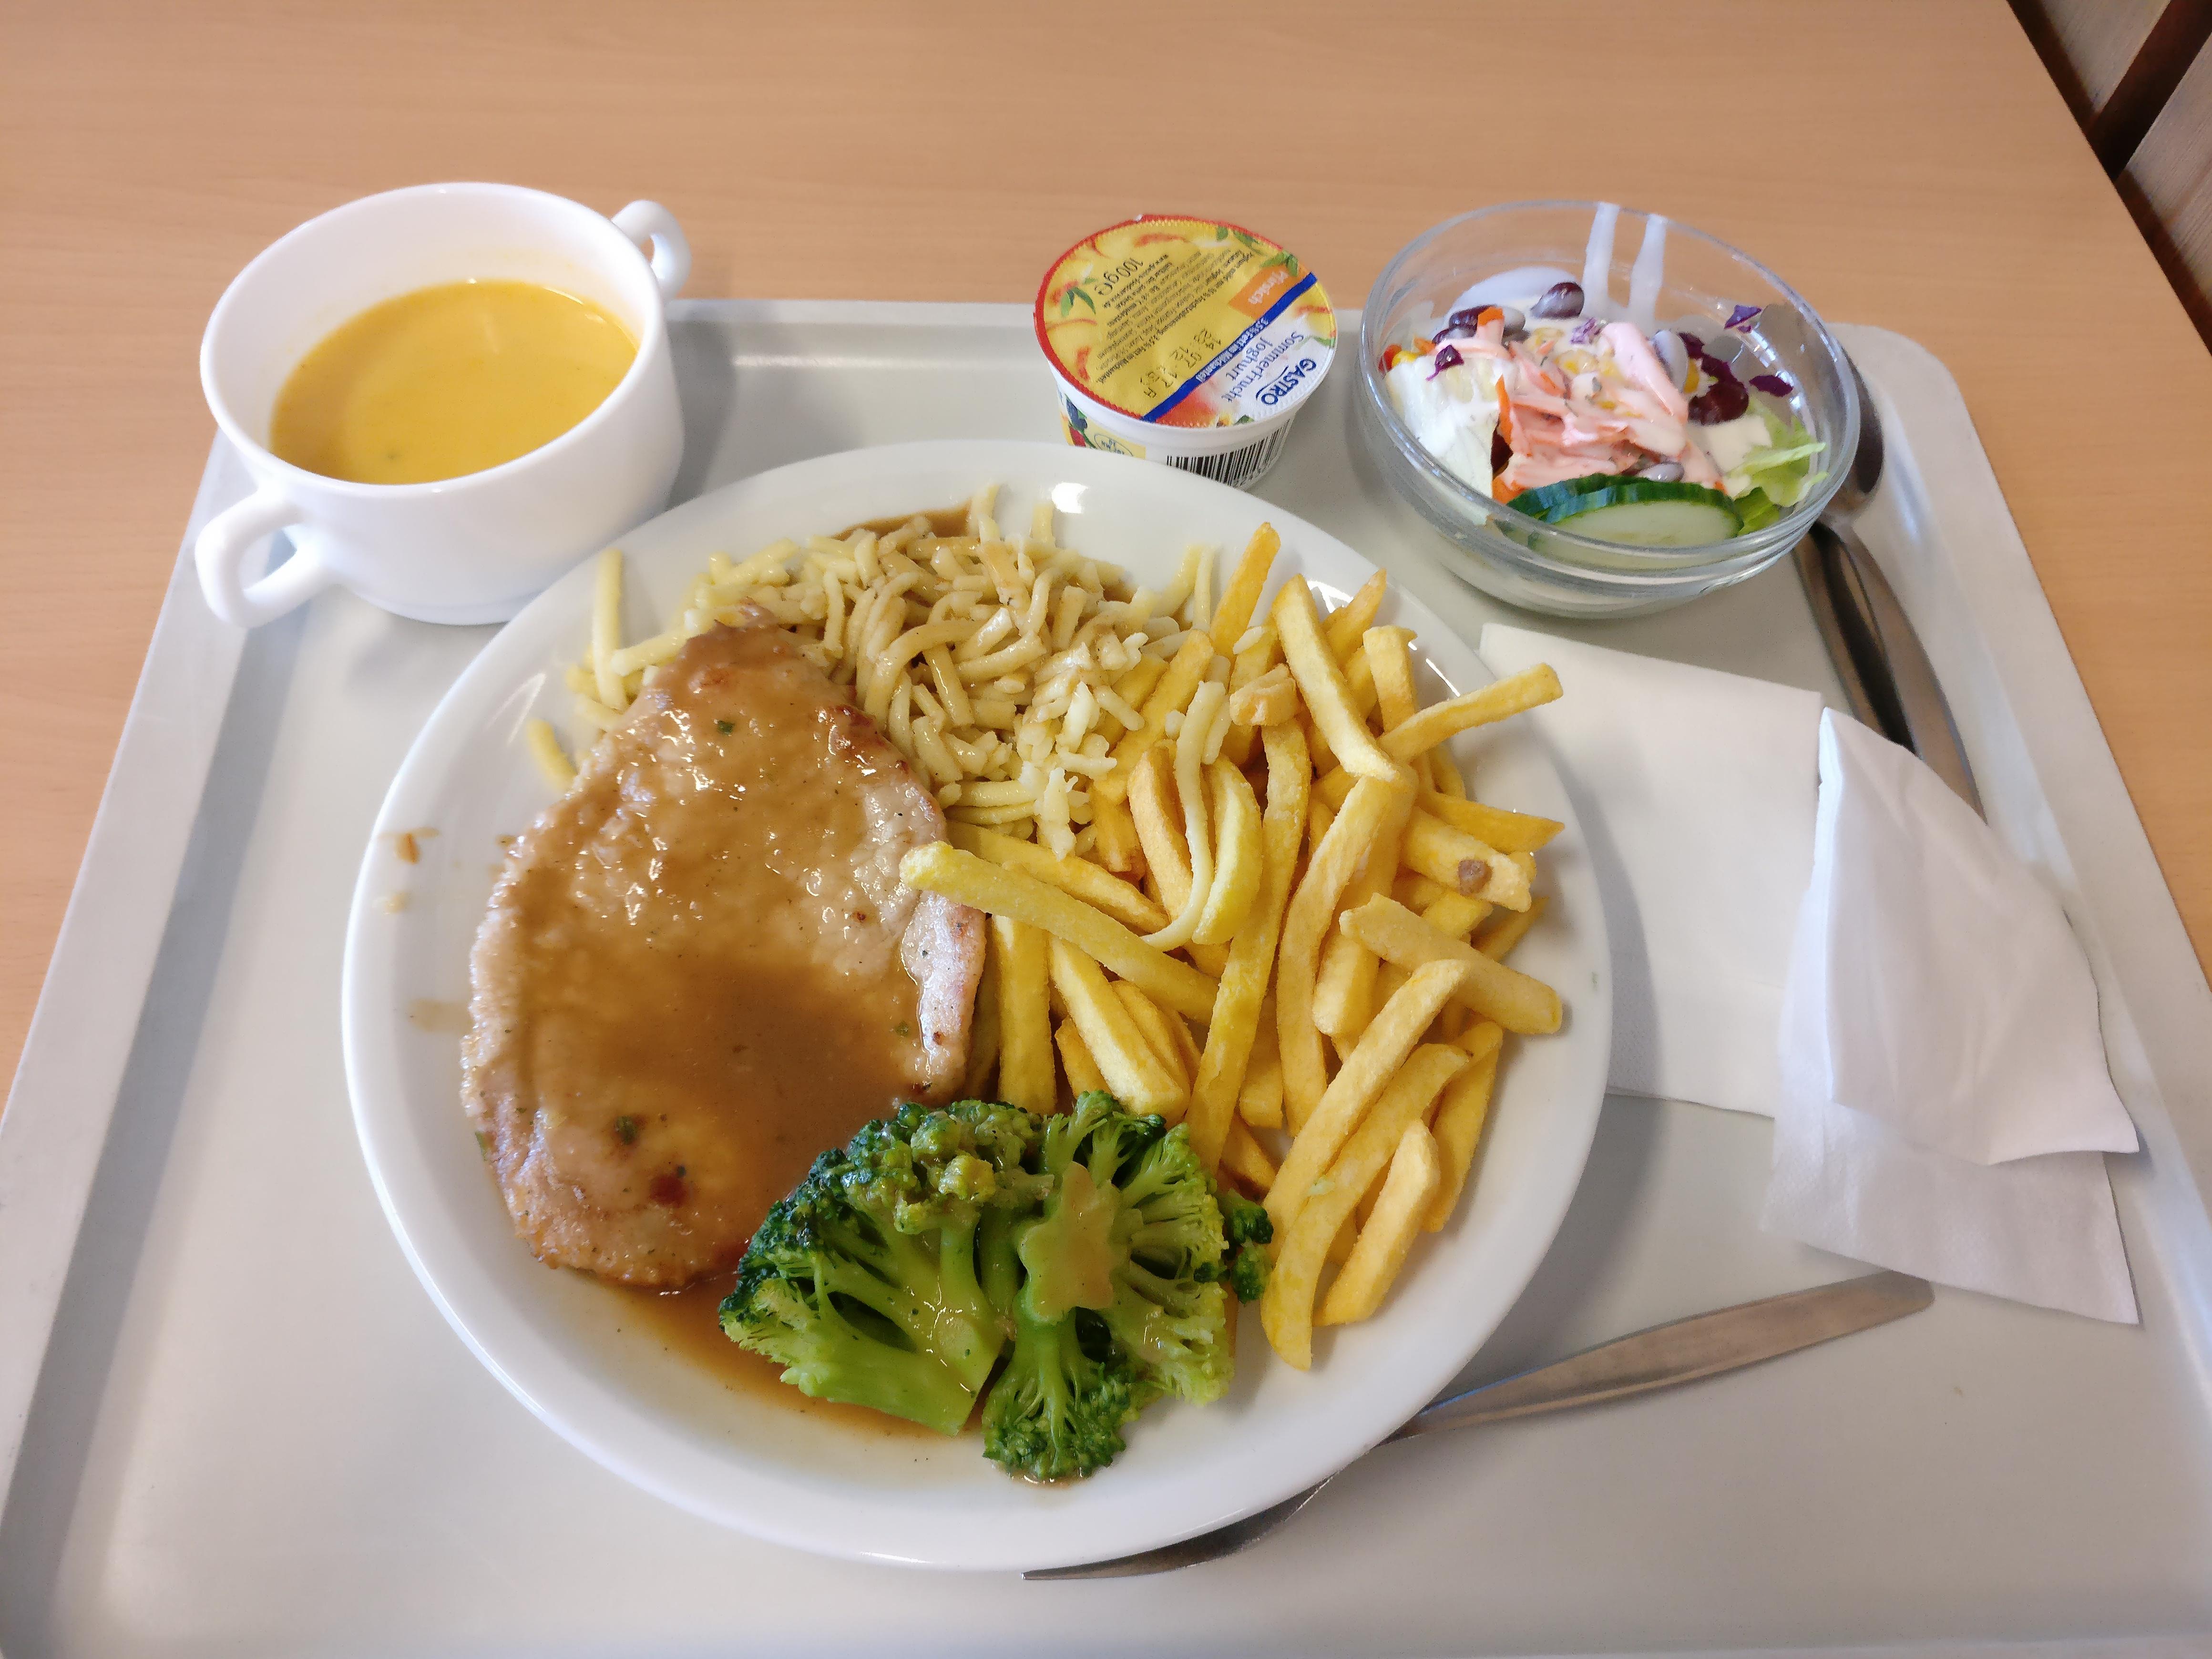 http://foodloader.net/nico_2017-07-06_schweinesteak-spaetzle-pommes-brokkoli-suppe-salat-nachtisch.jpg